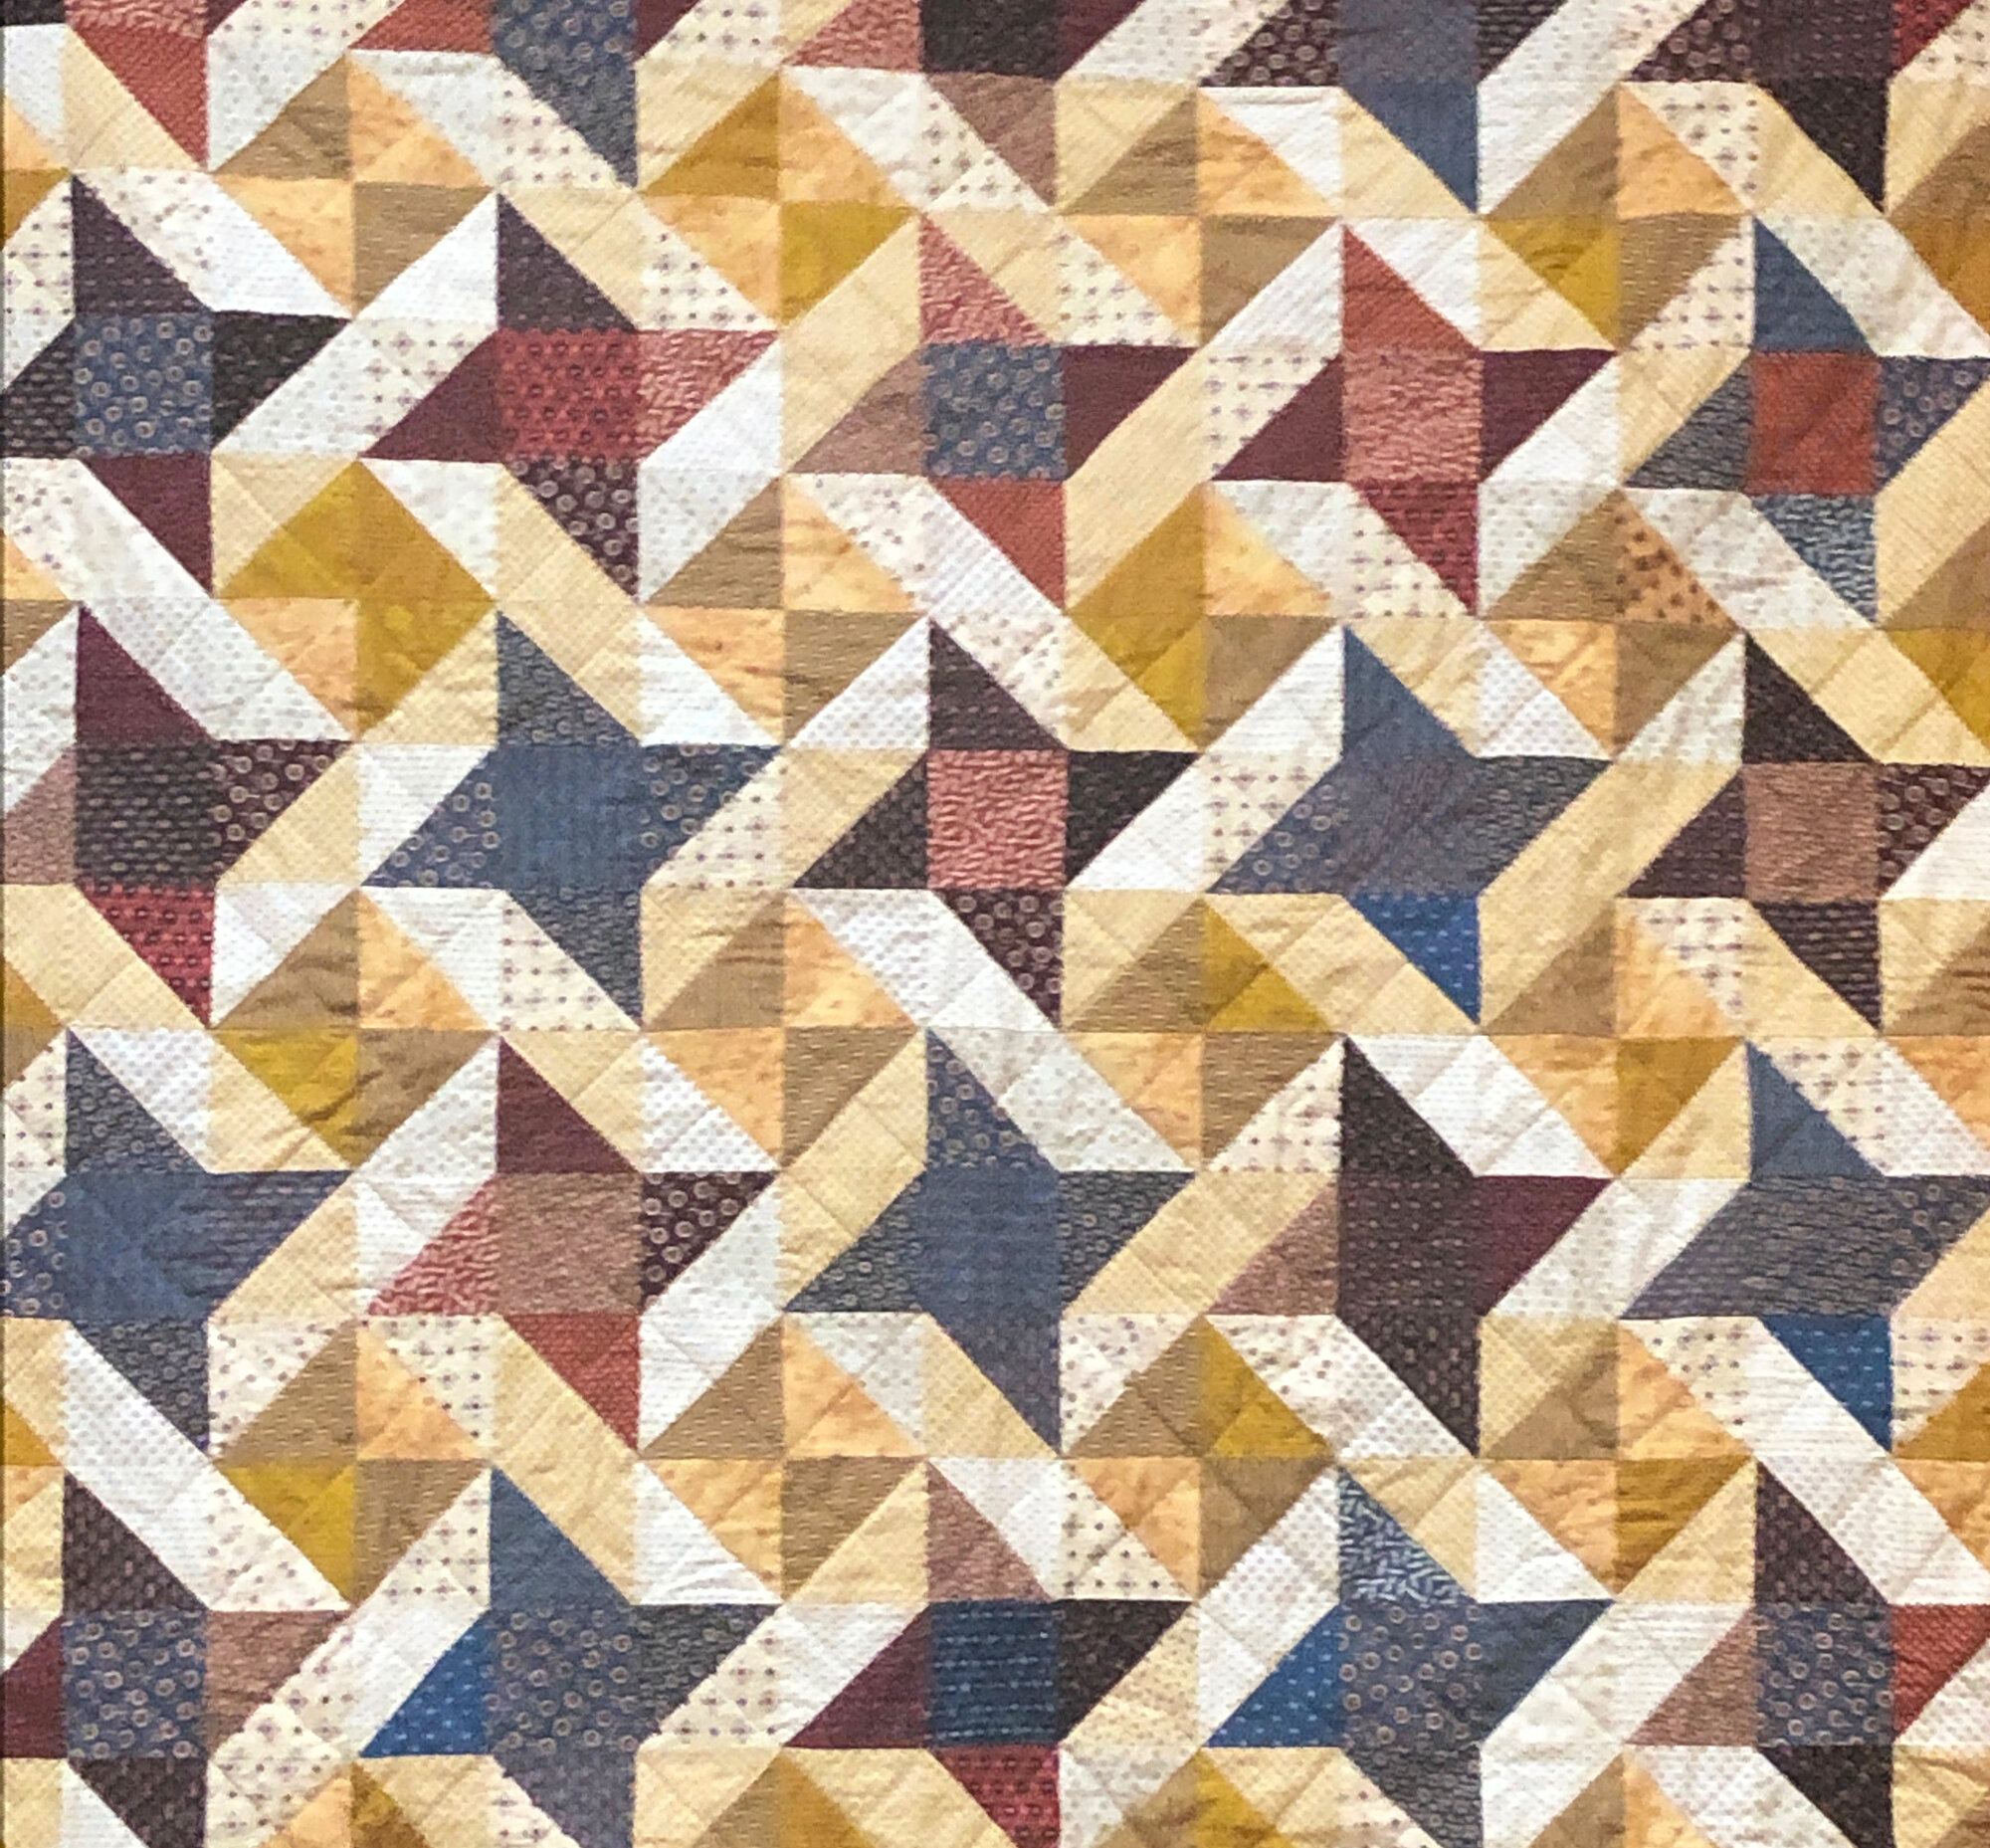 Valerie Turer, veteran quilt detail